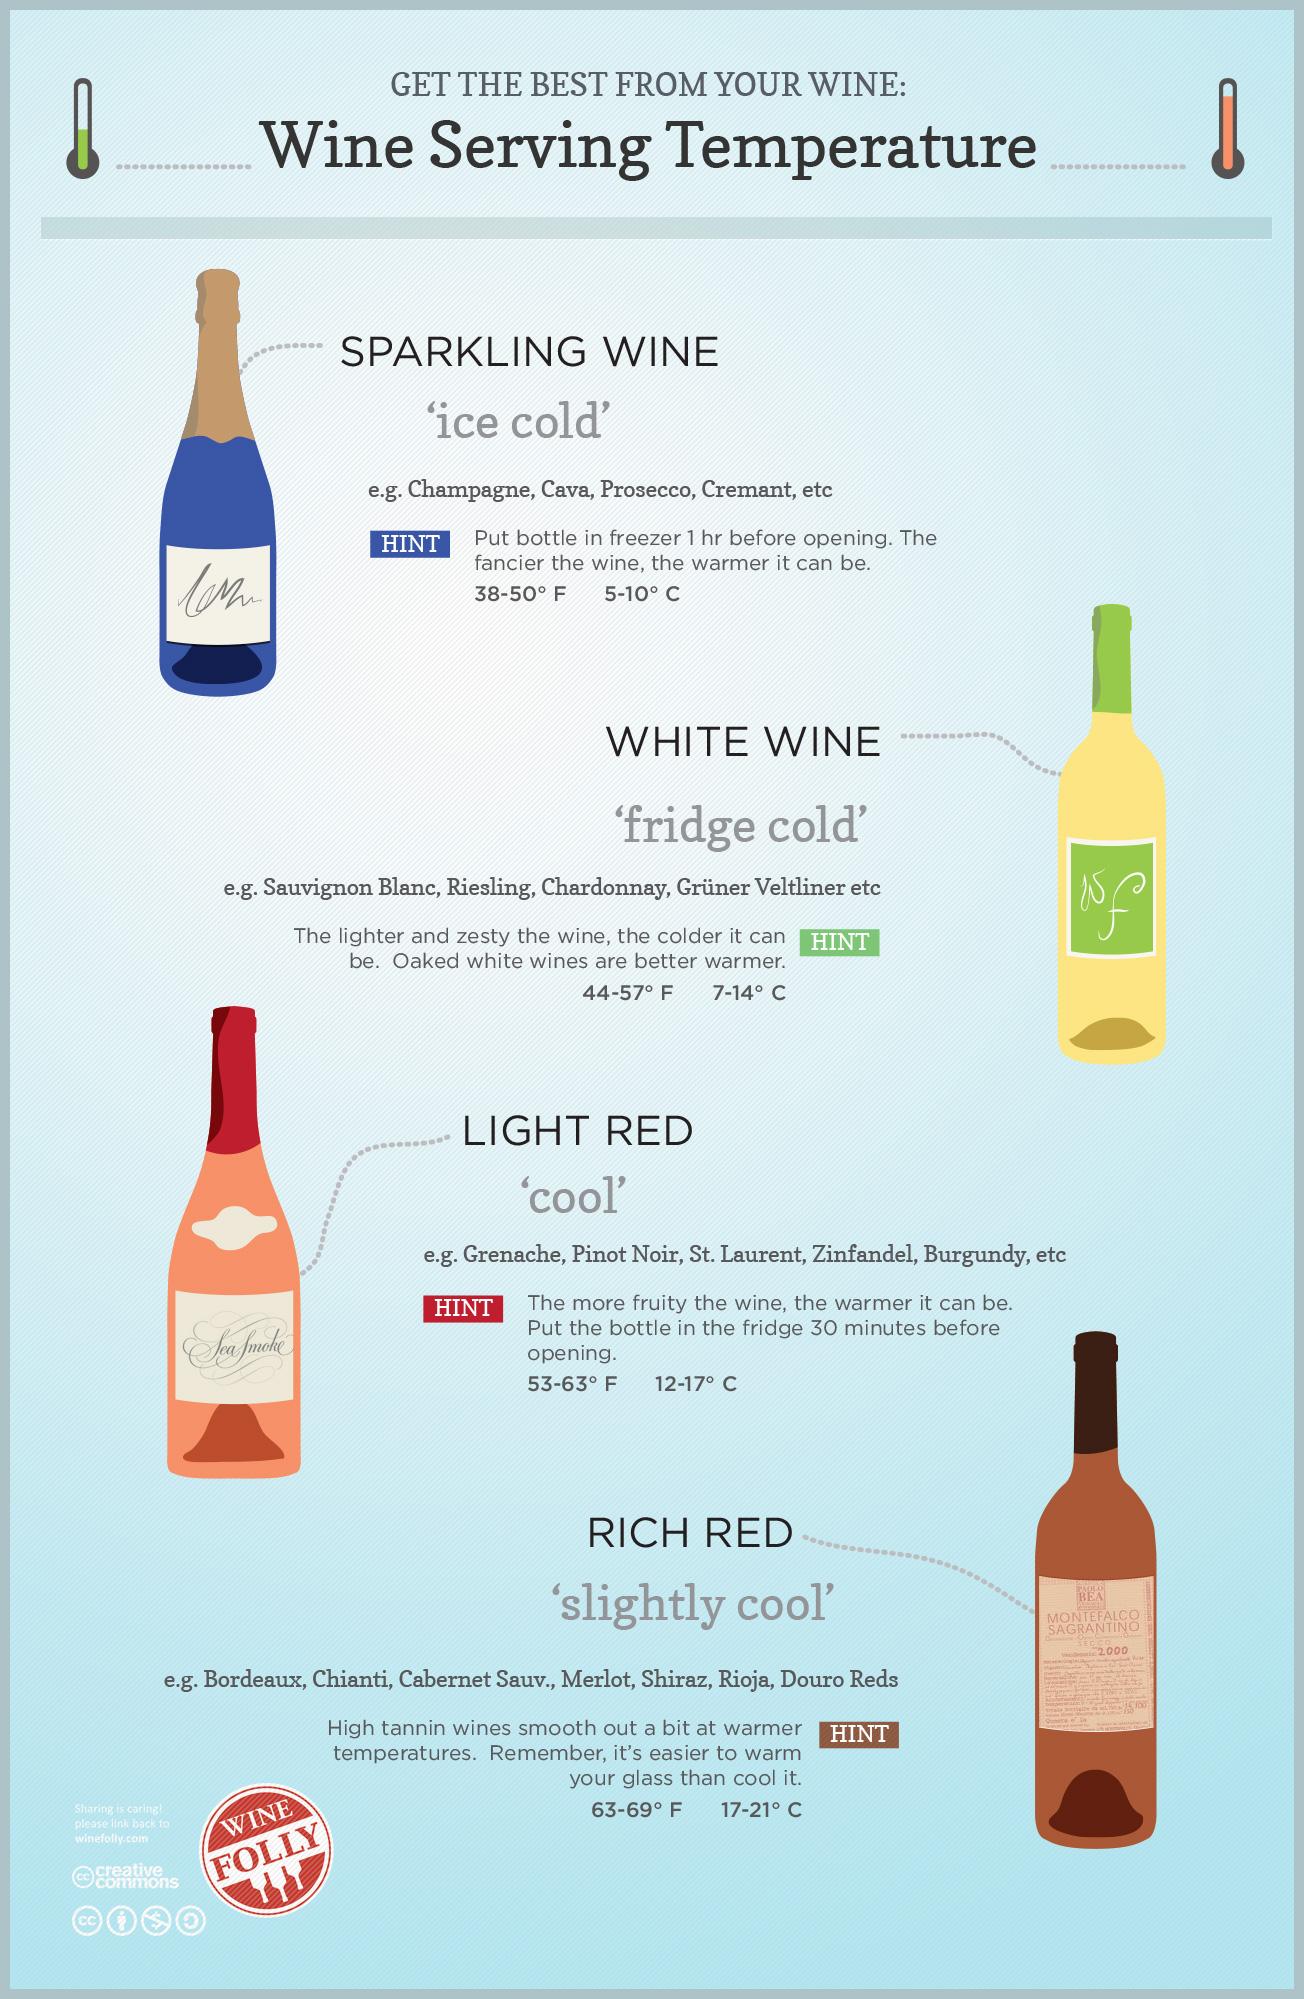 Uống rượu vang ở nhiệt độ nào là thích hợp?